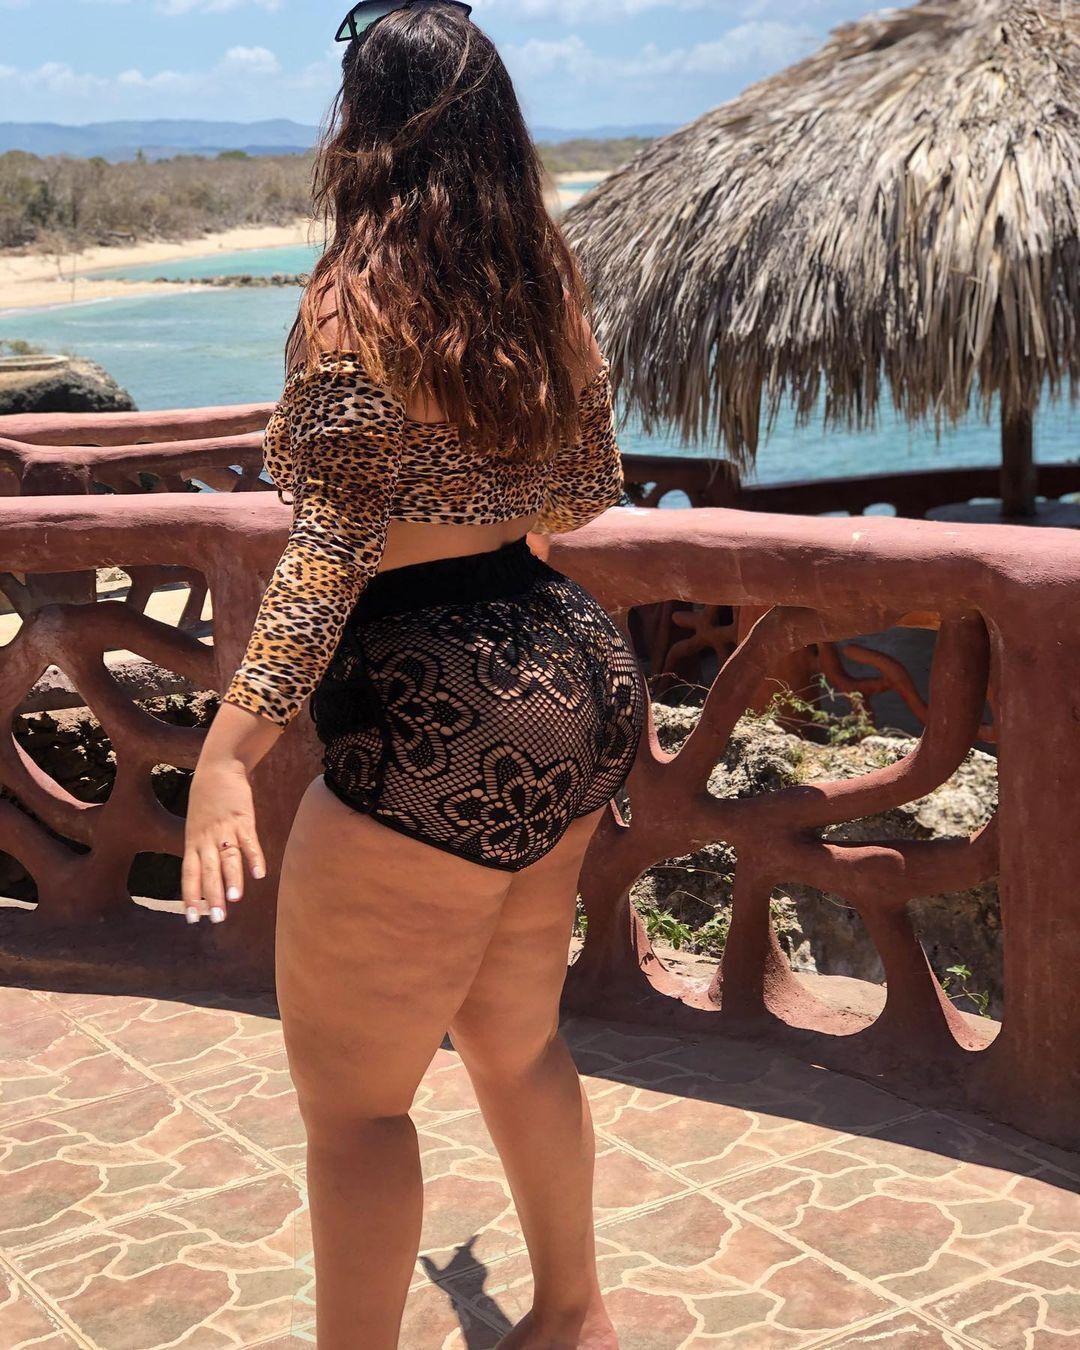 Laura tejada Madurita culona onlyfans, fotos maduras onlyfans gratis